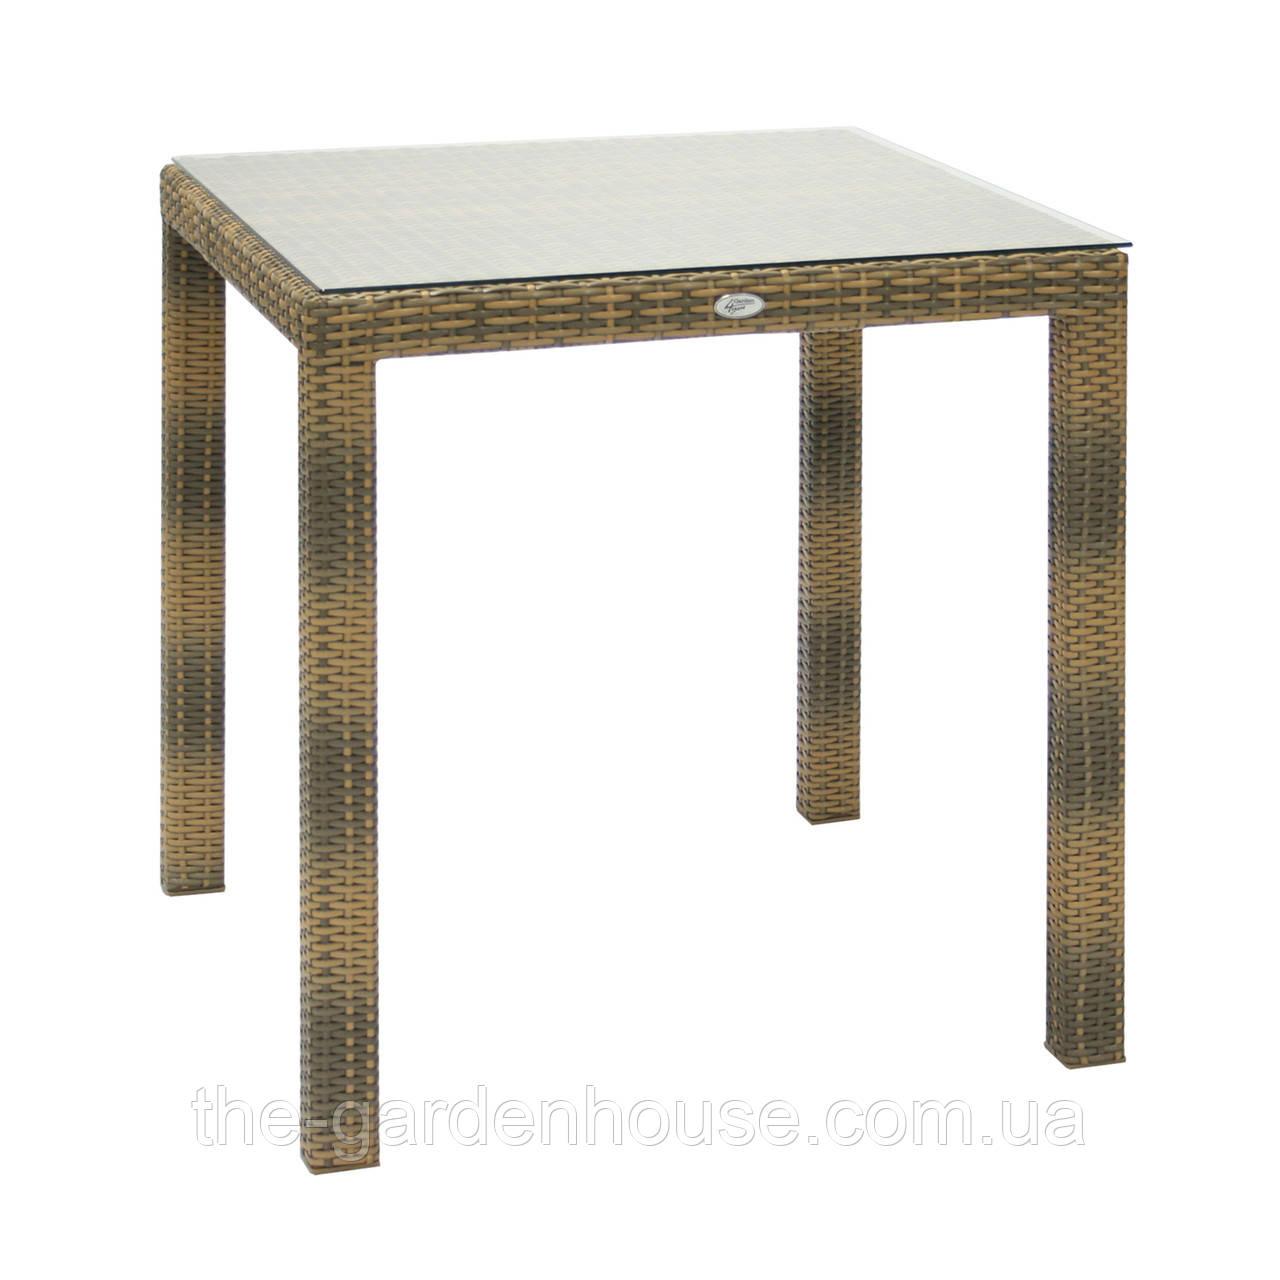 Обеденный стол Wicker из искусственного ротанга 73х73 см капучино